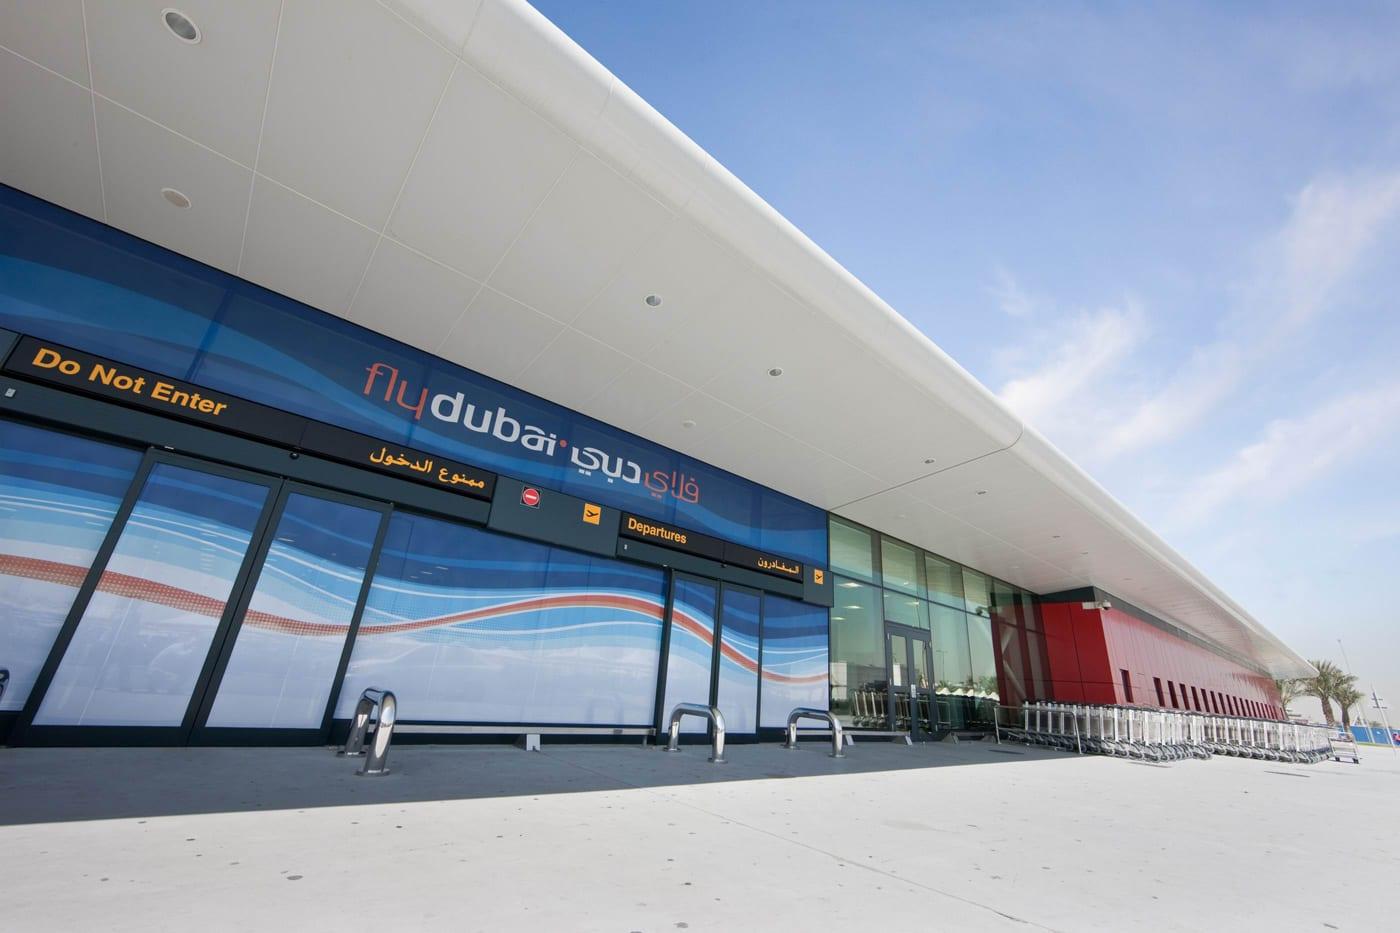 Аэропорт дубай терминал 2 какую одежду брать в дубай в феврале